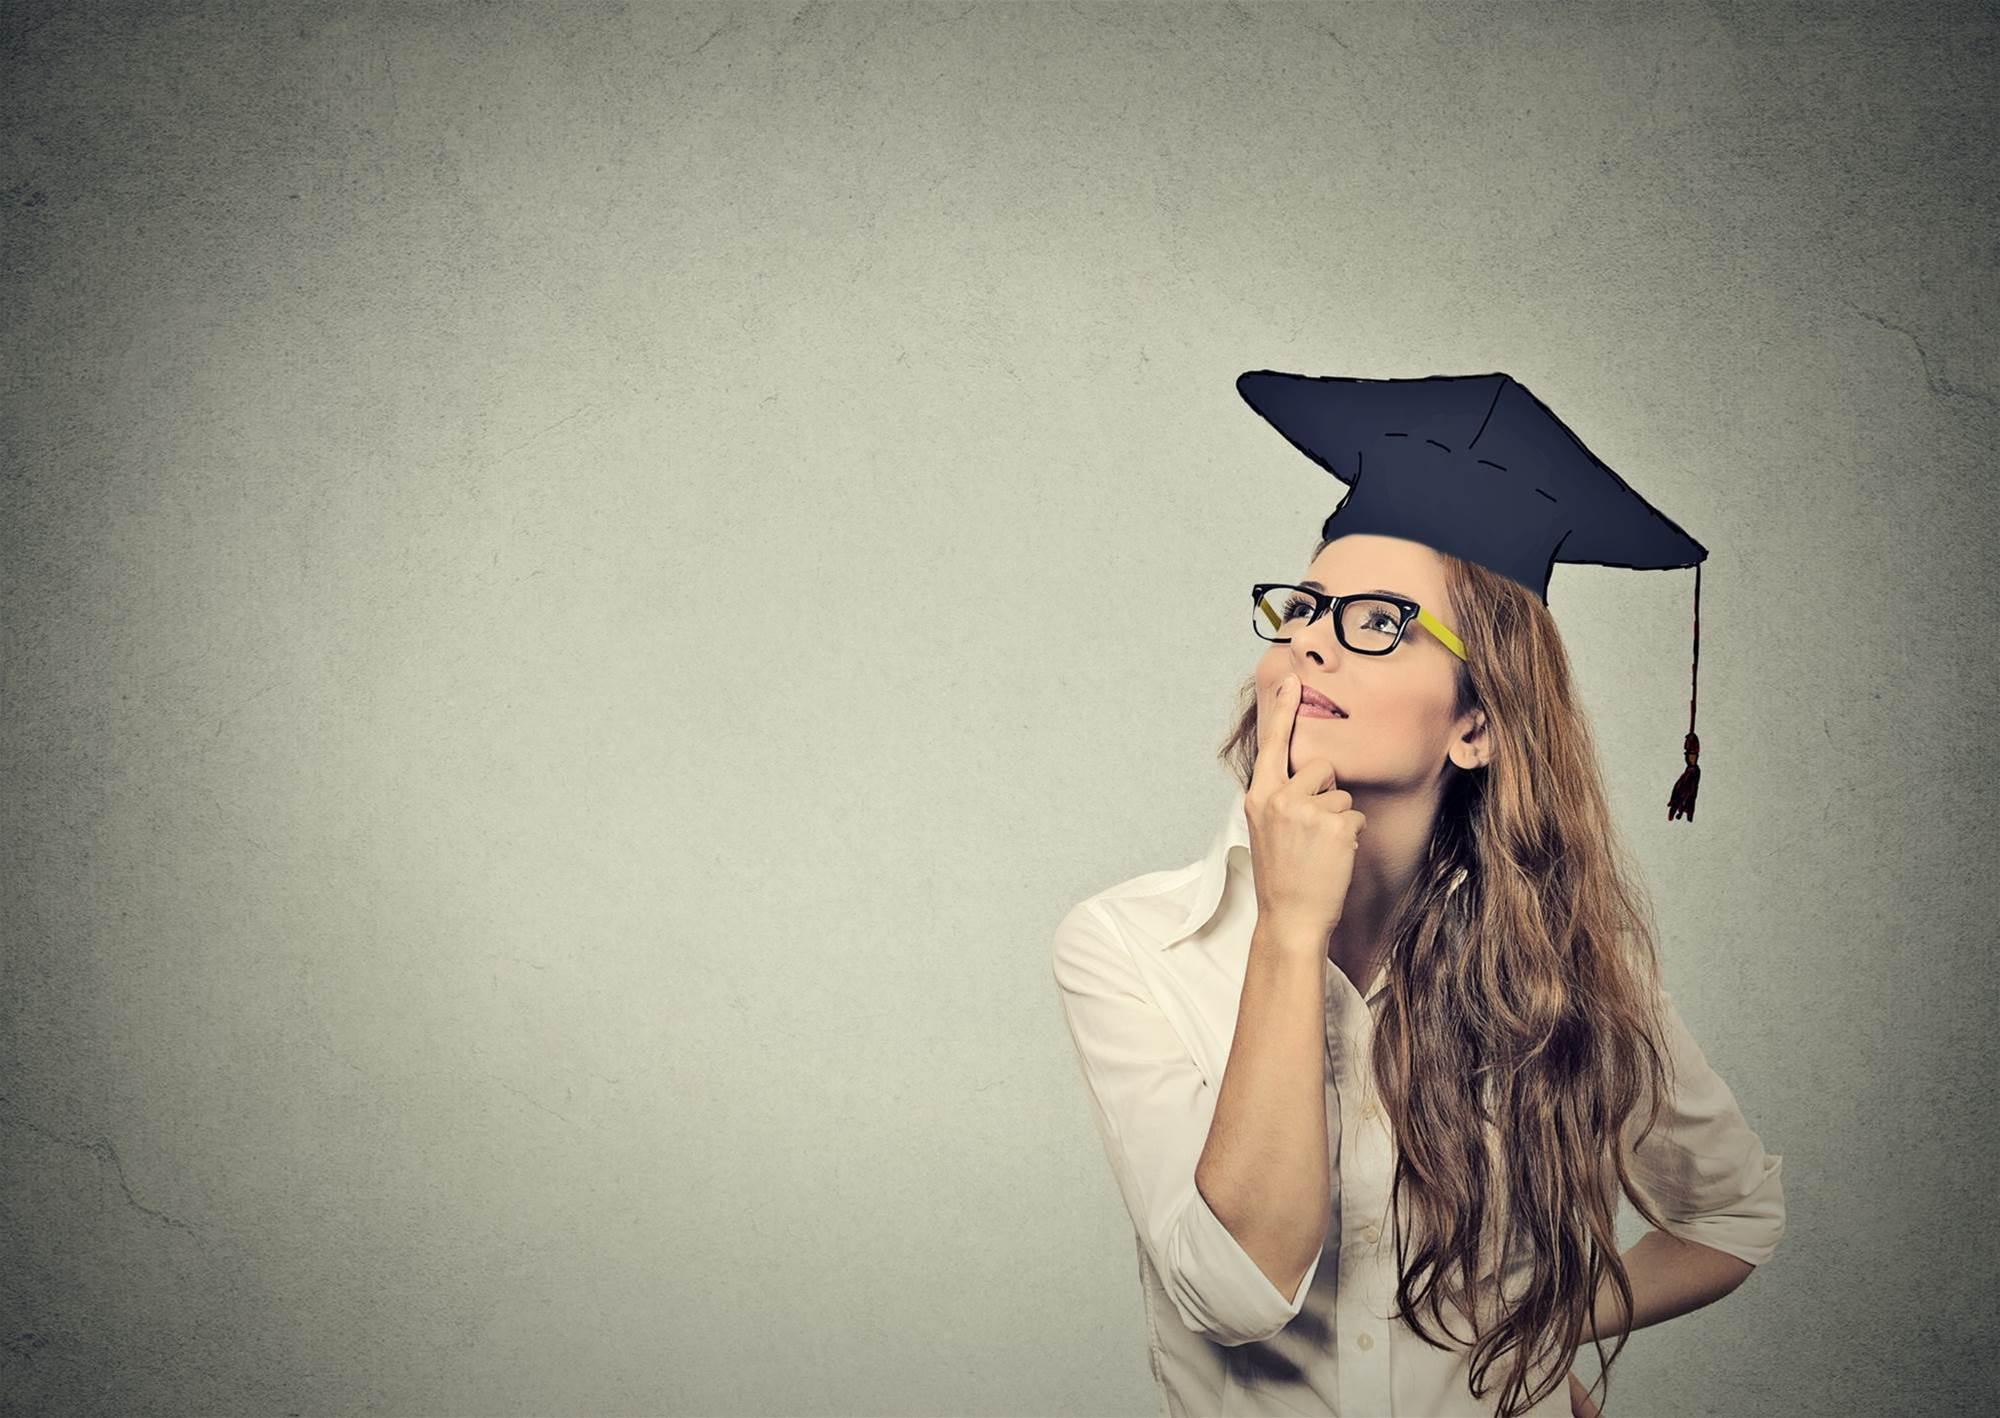 Google Australia funds CompSci PhDs